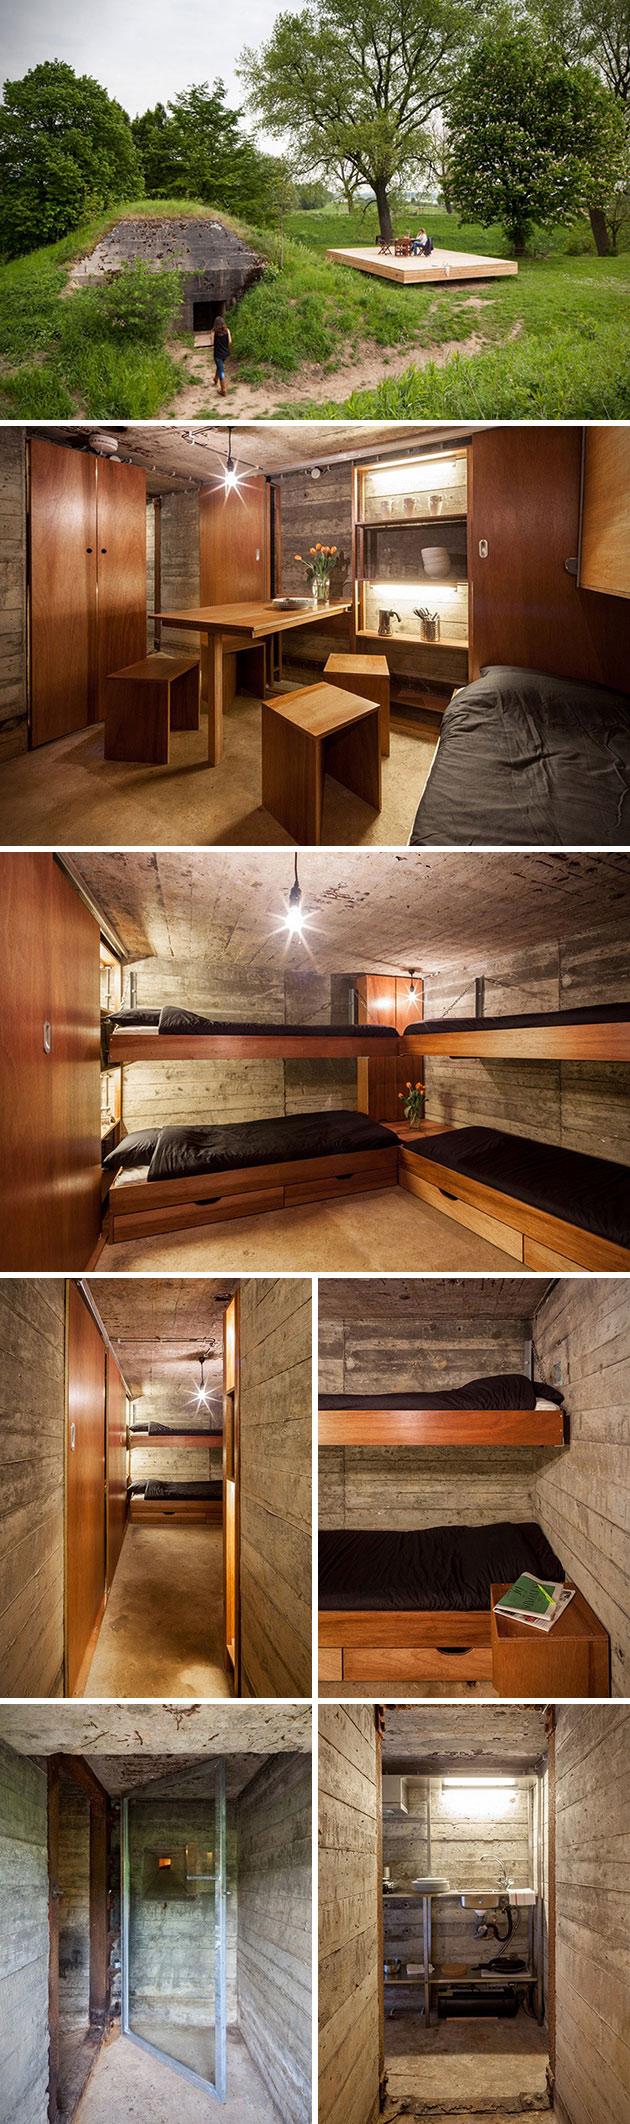 Concrete Bunker Home